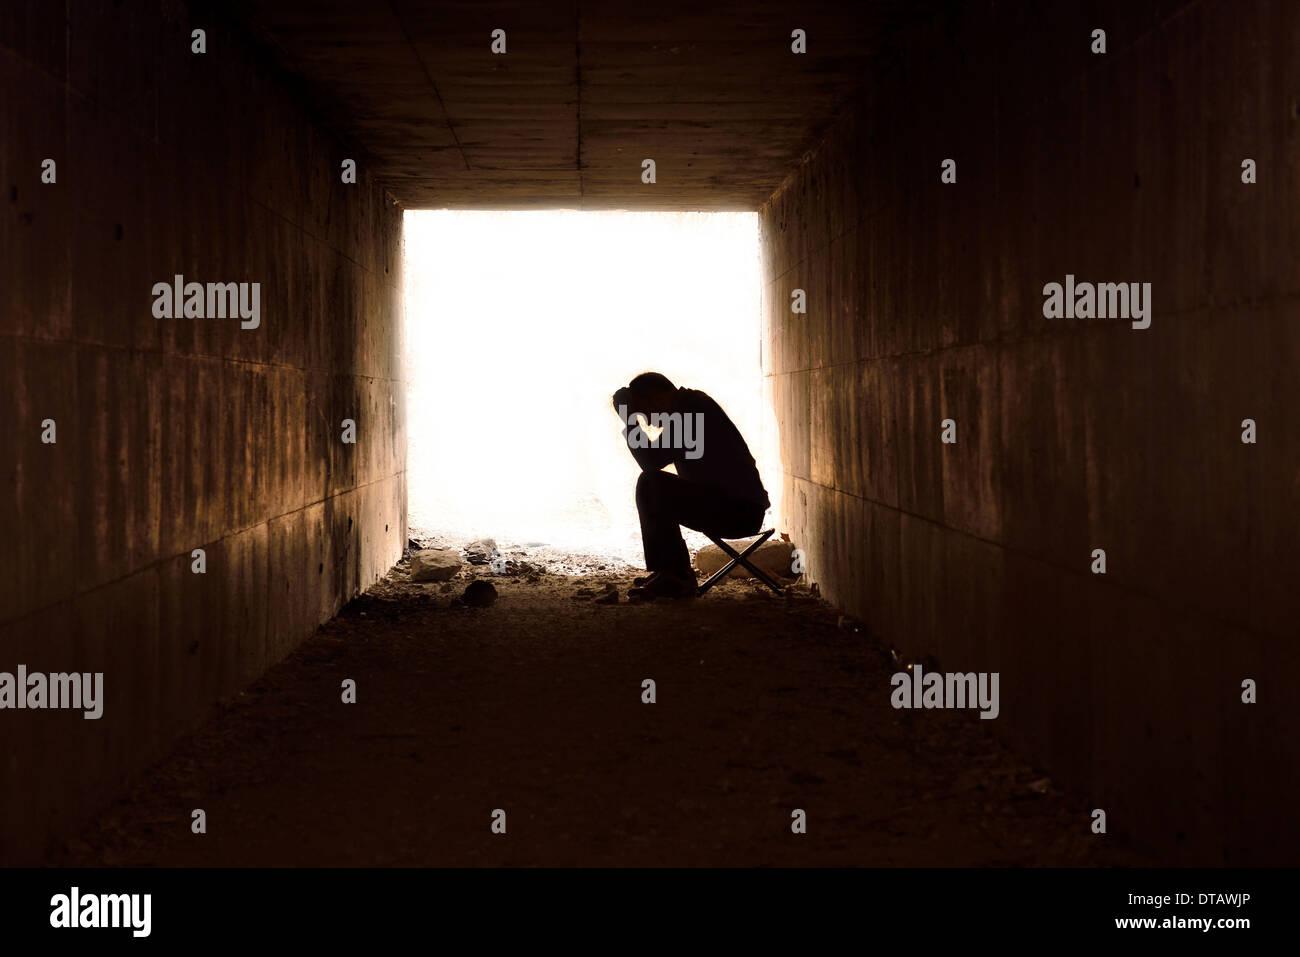 Hombre sentado mirando disgustado Imagen De Stock